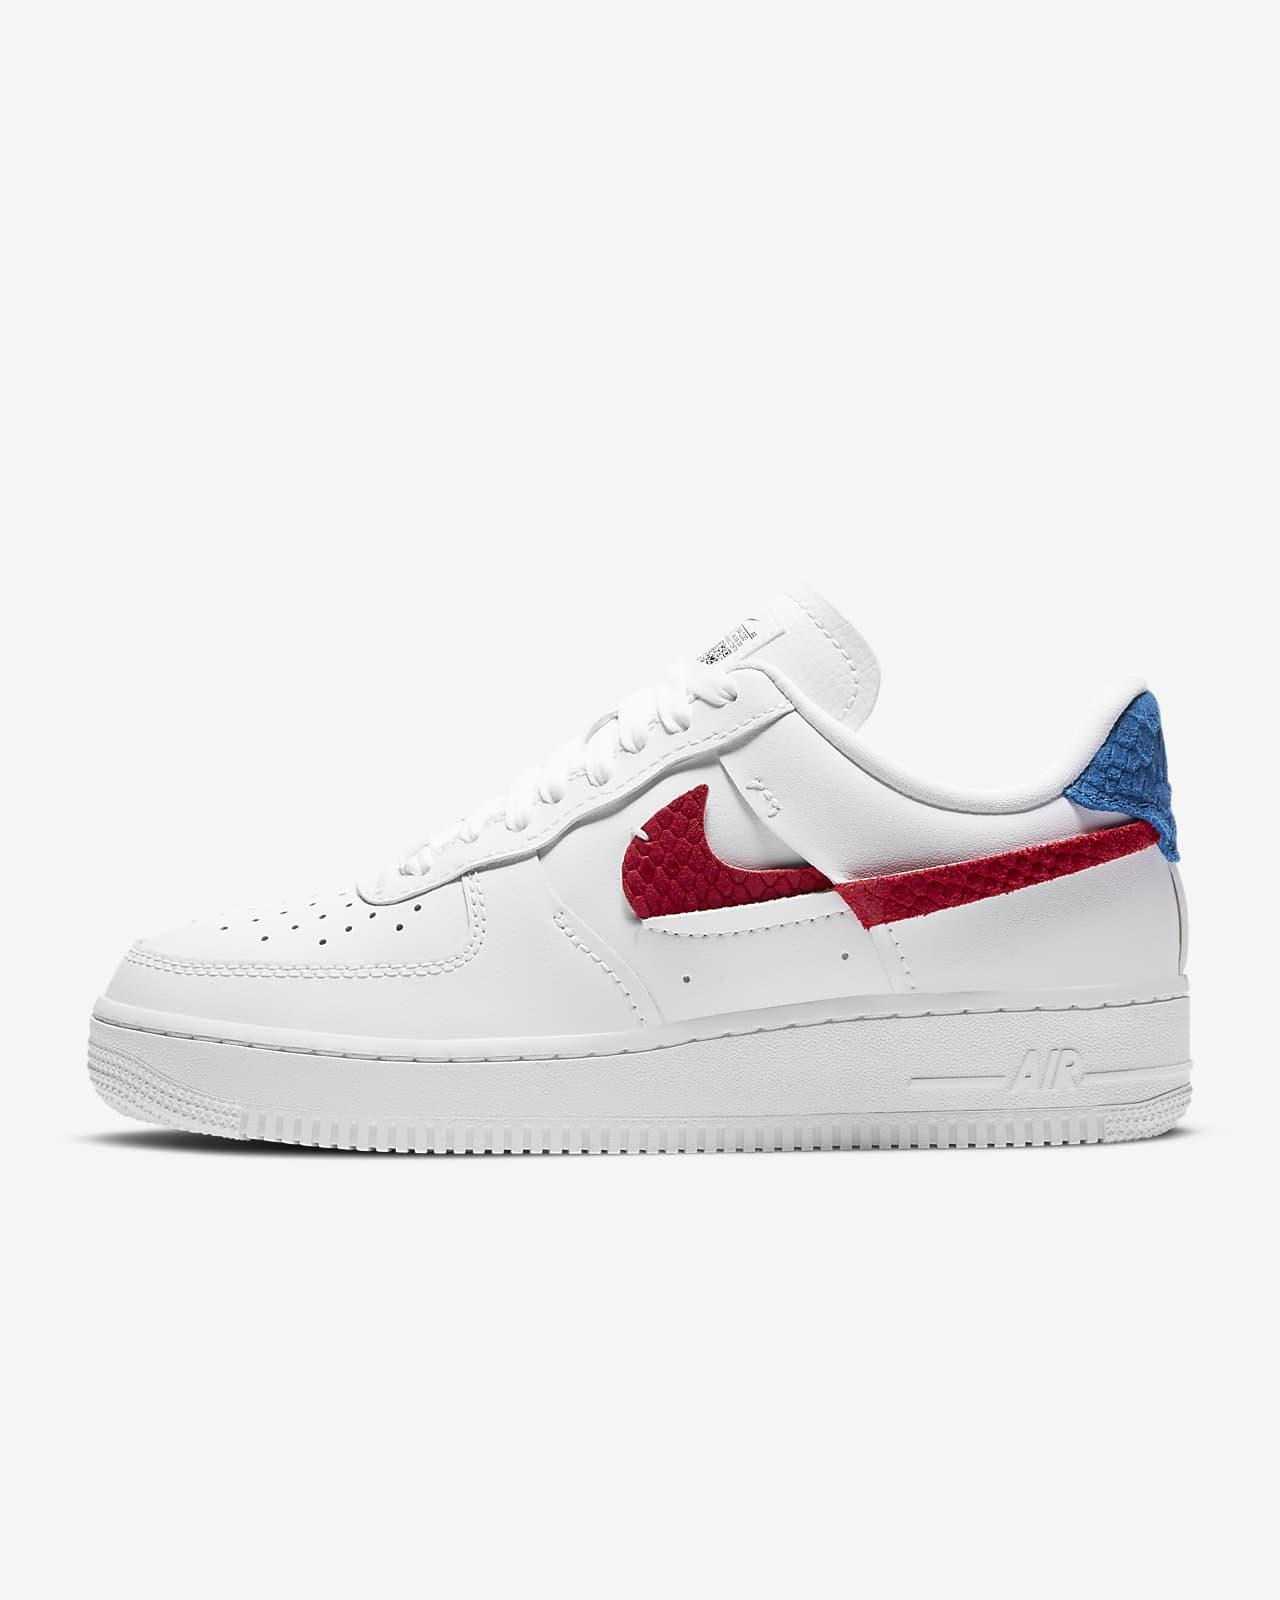 Γυναικείο παπούτσι Nike Air Force 1 LXX